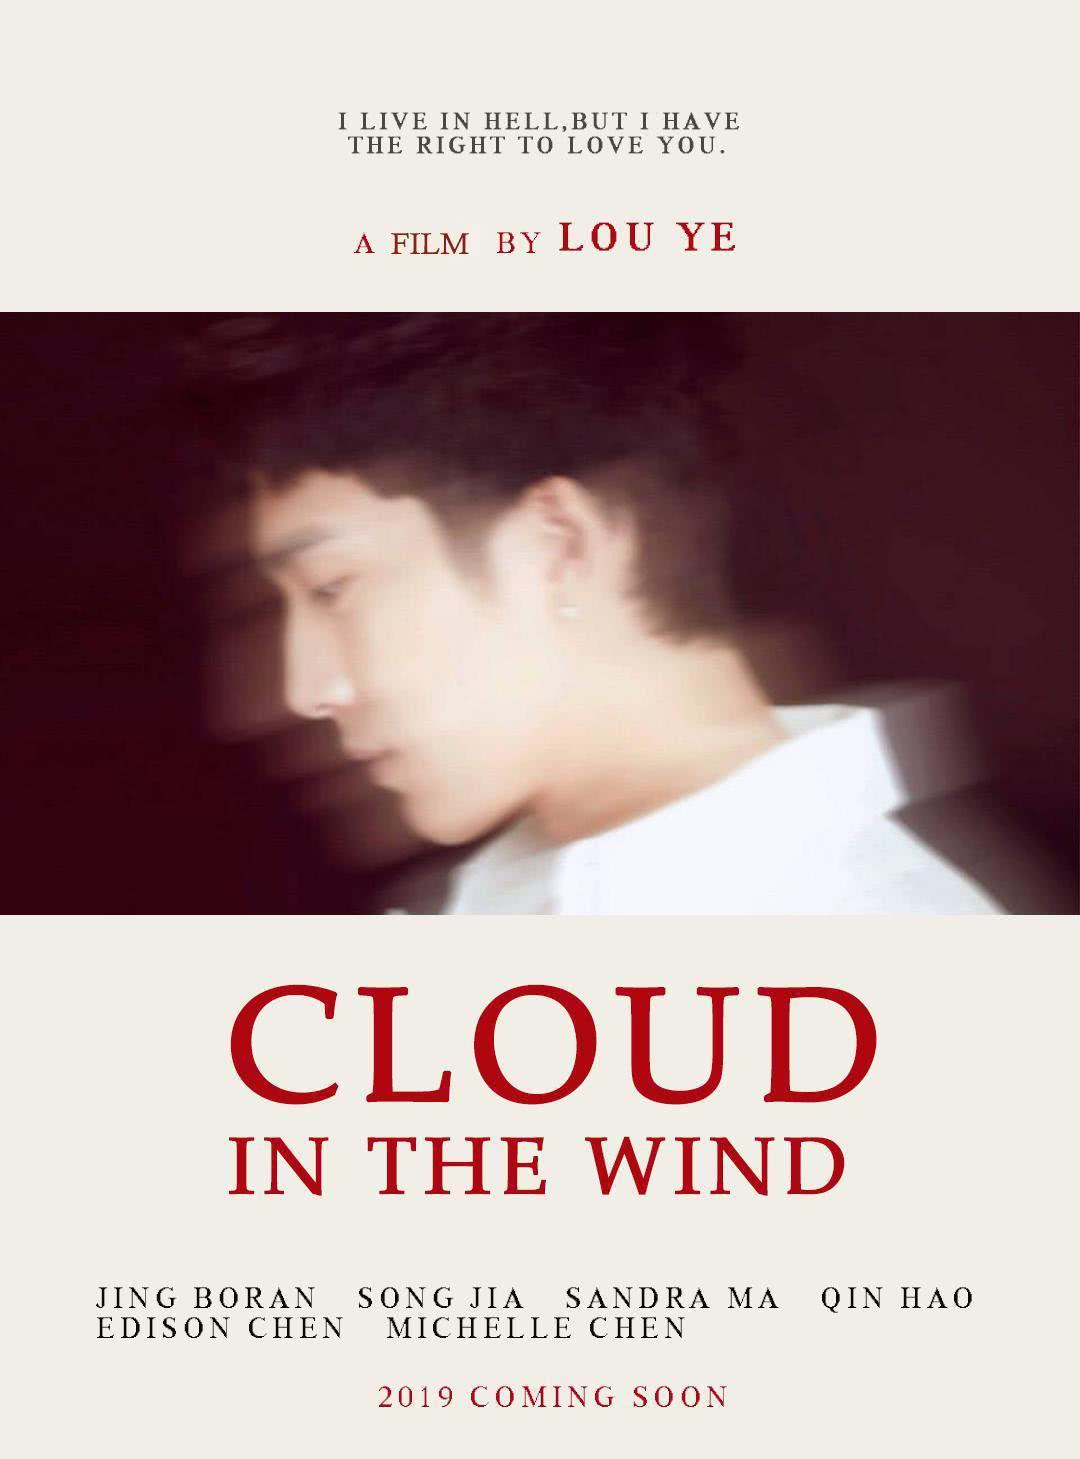 风中有朵雨做的云